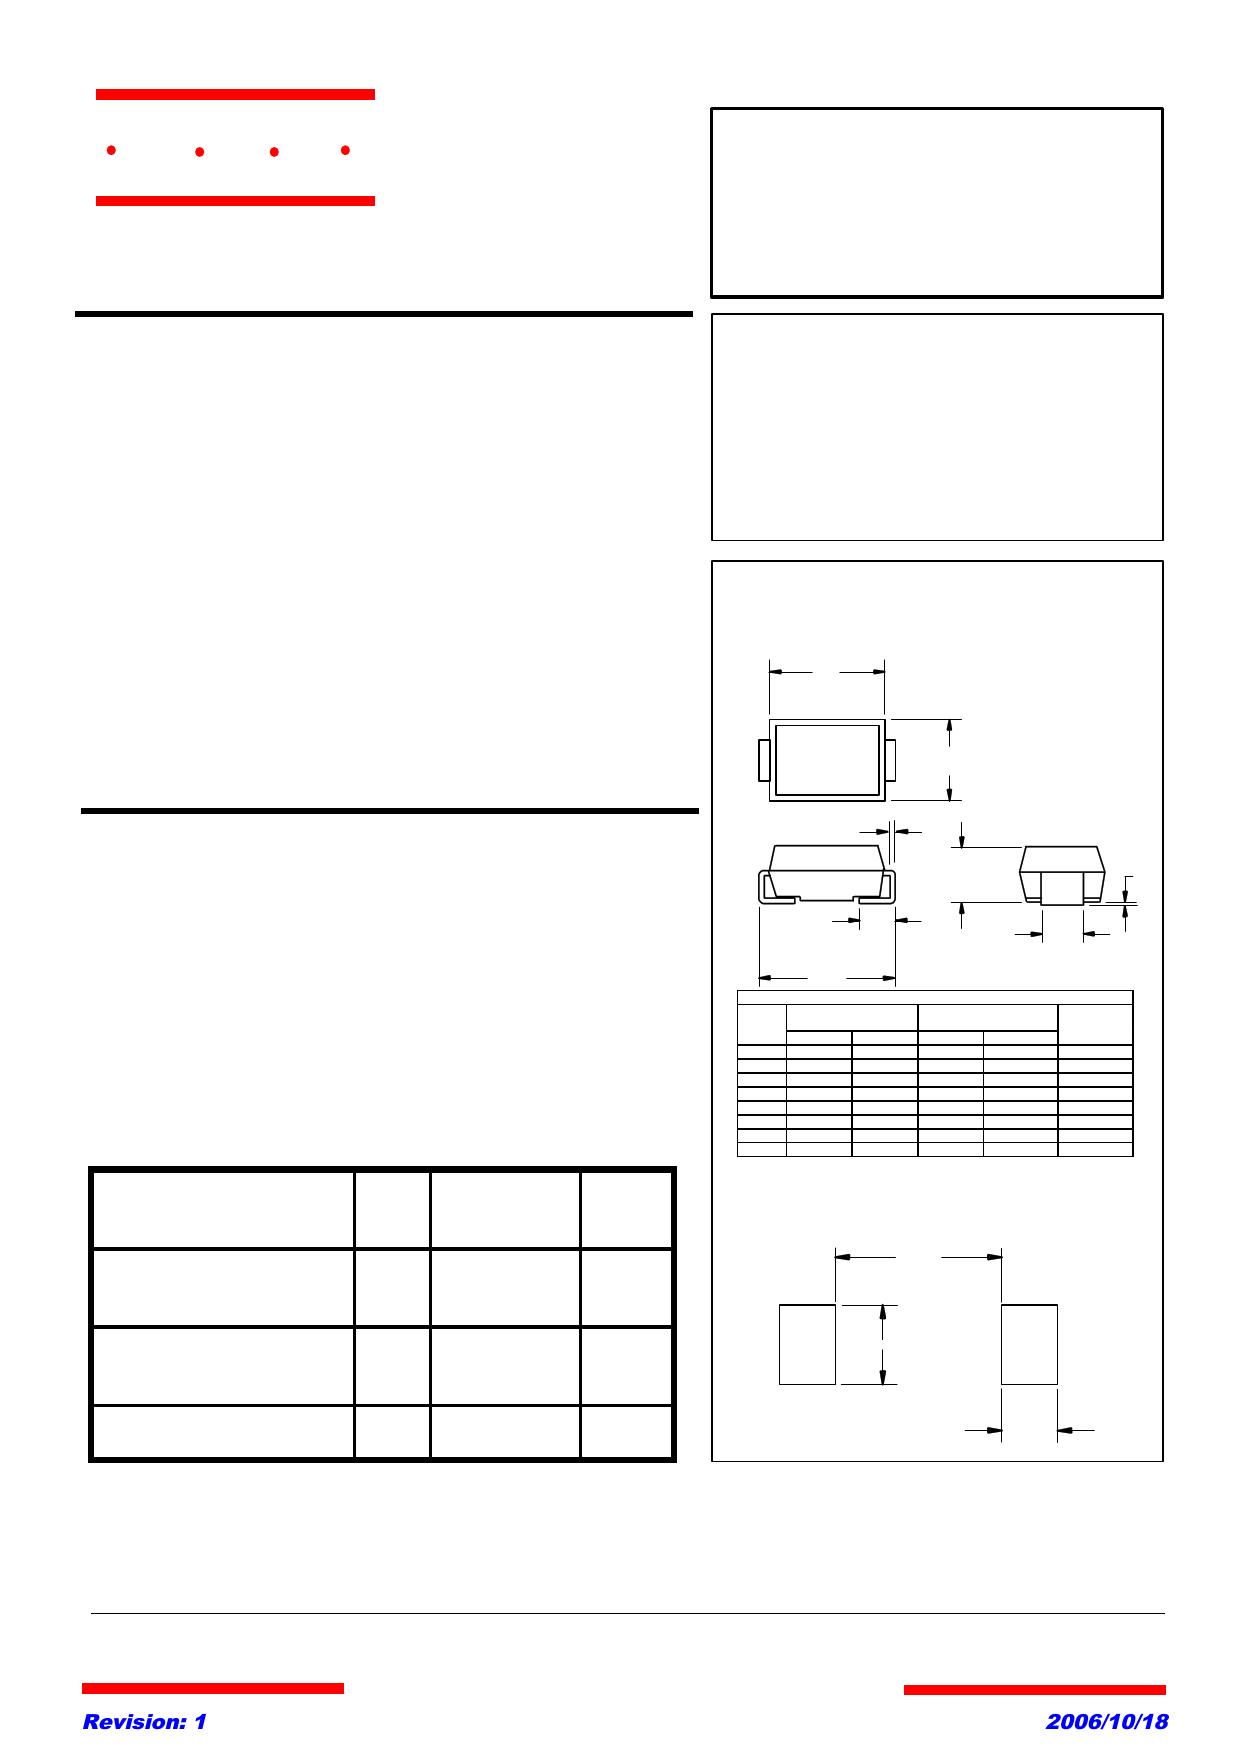 5.0SMLJ17A datasheet